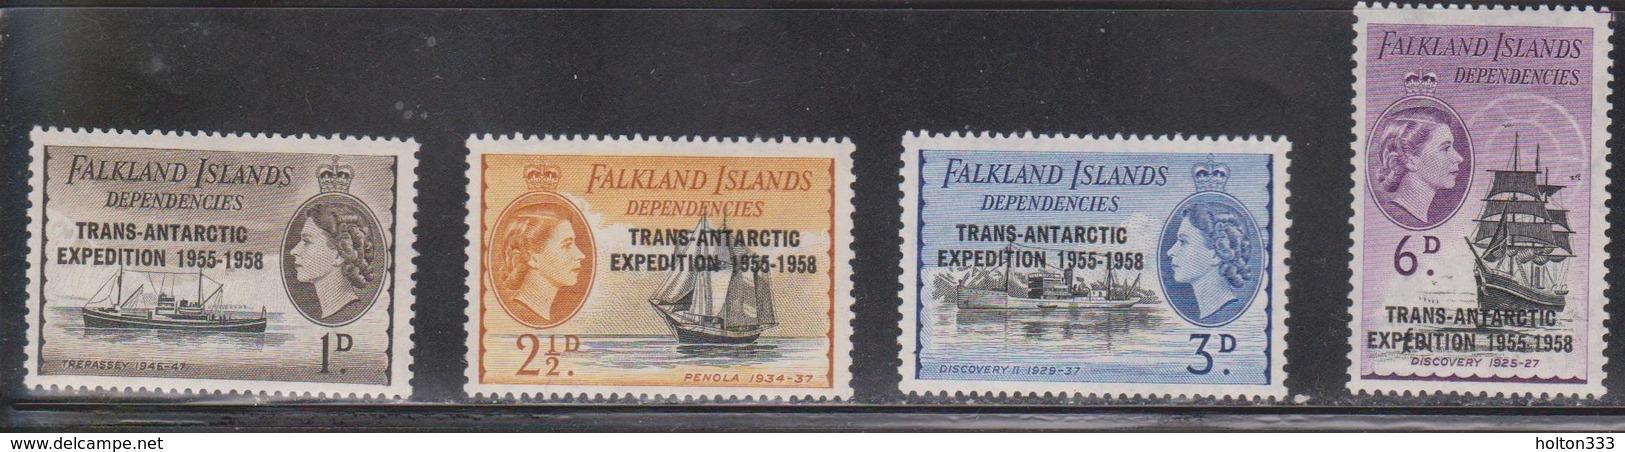 FALKLAND ISLANDS DEPENDENCIES Scott # 1L34-7 MH - Trans Antarctic Expedition - Falkland Islands